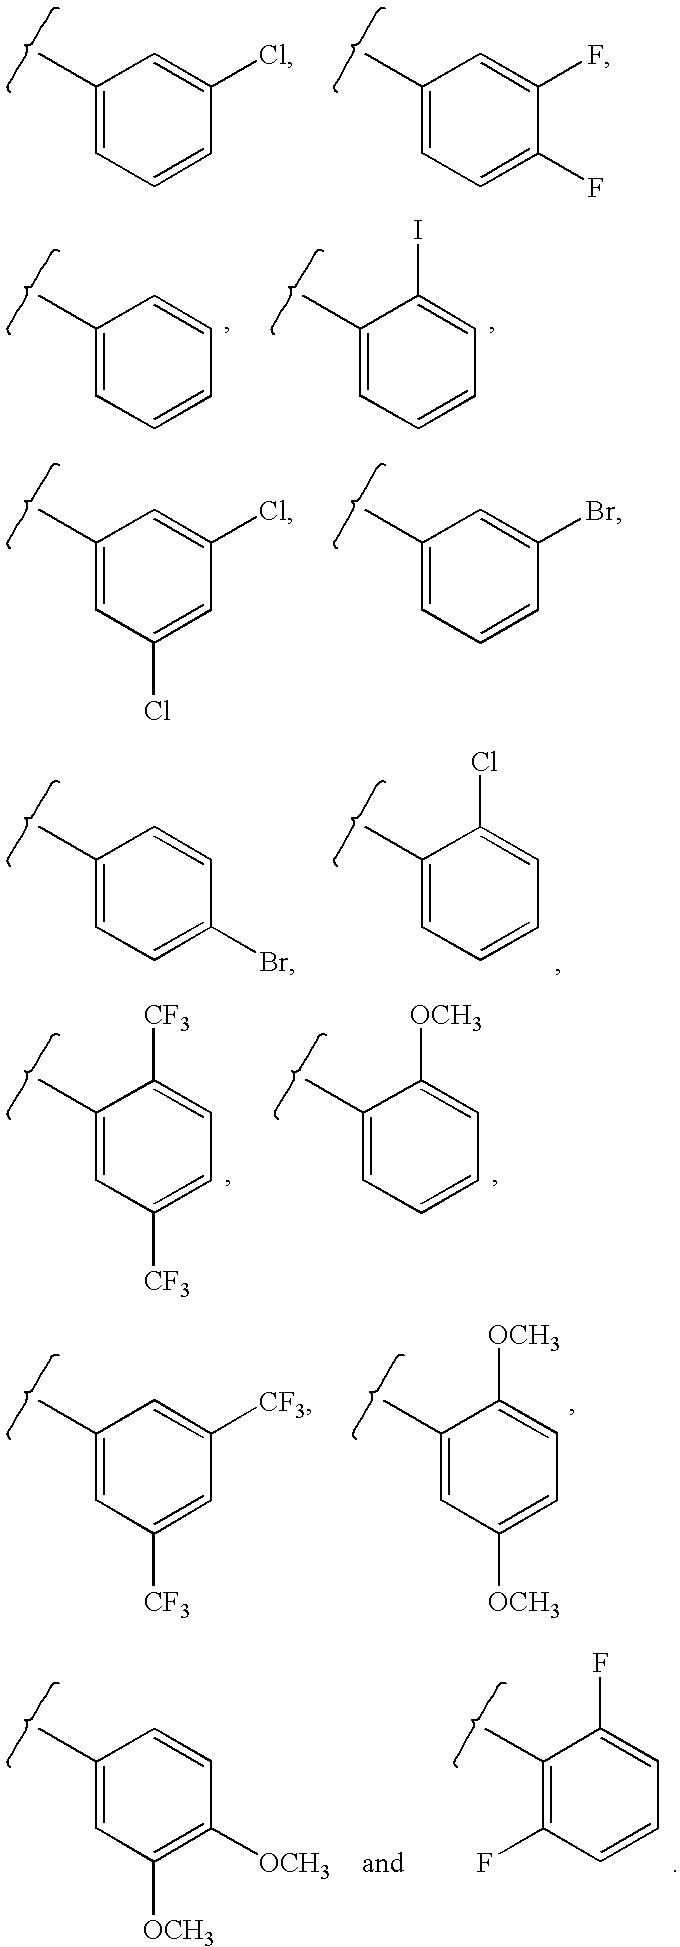 Figure US20070249661A1-20071025-C00028